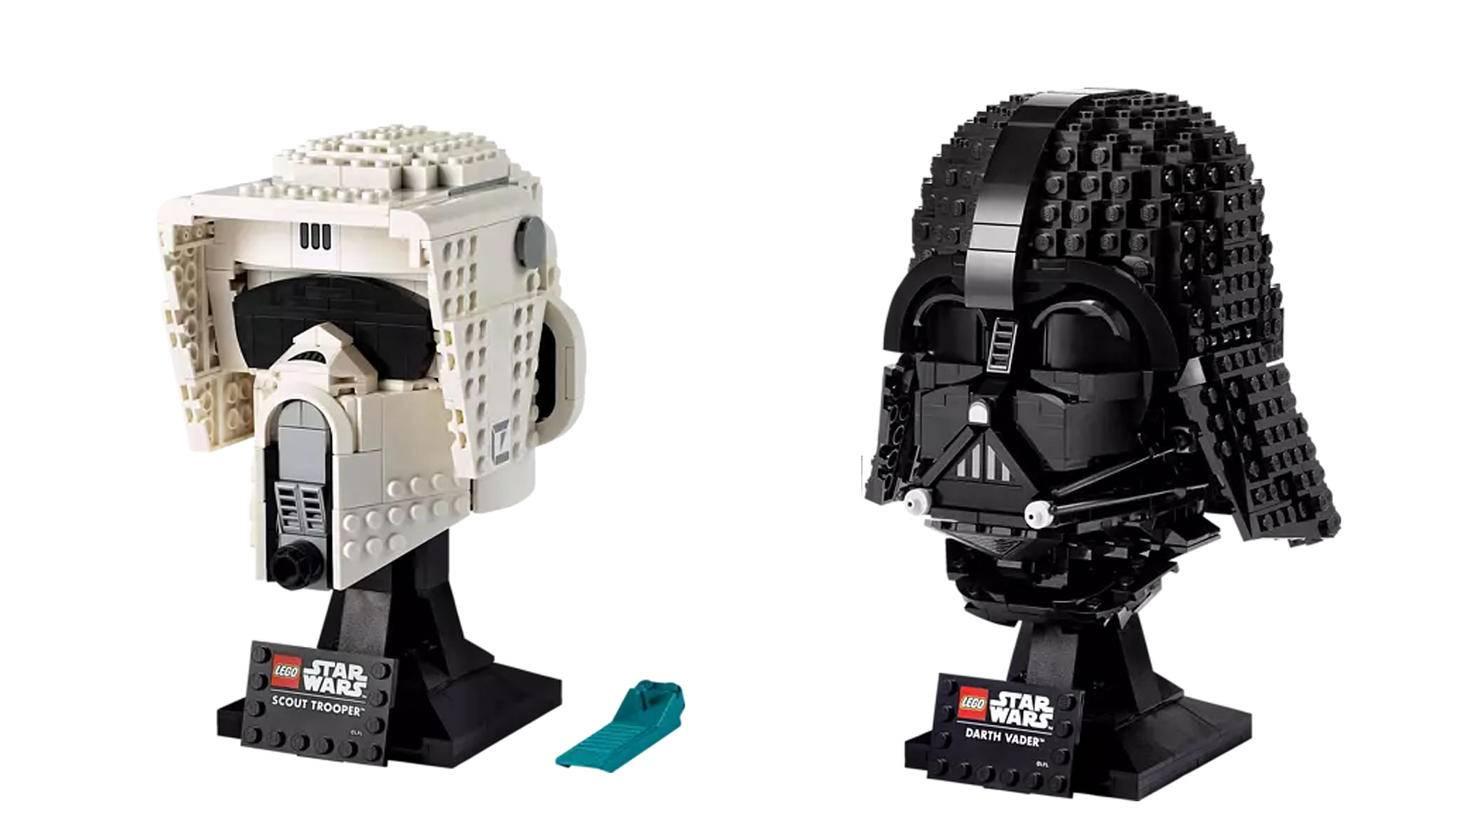 Scout Trooper Darth Vader Lego